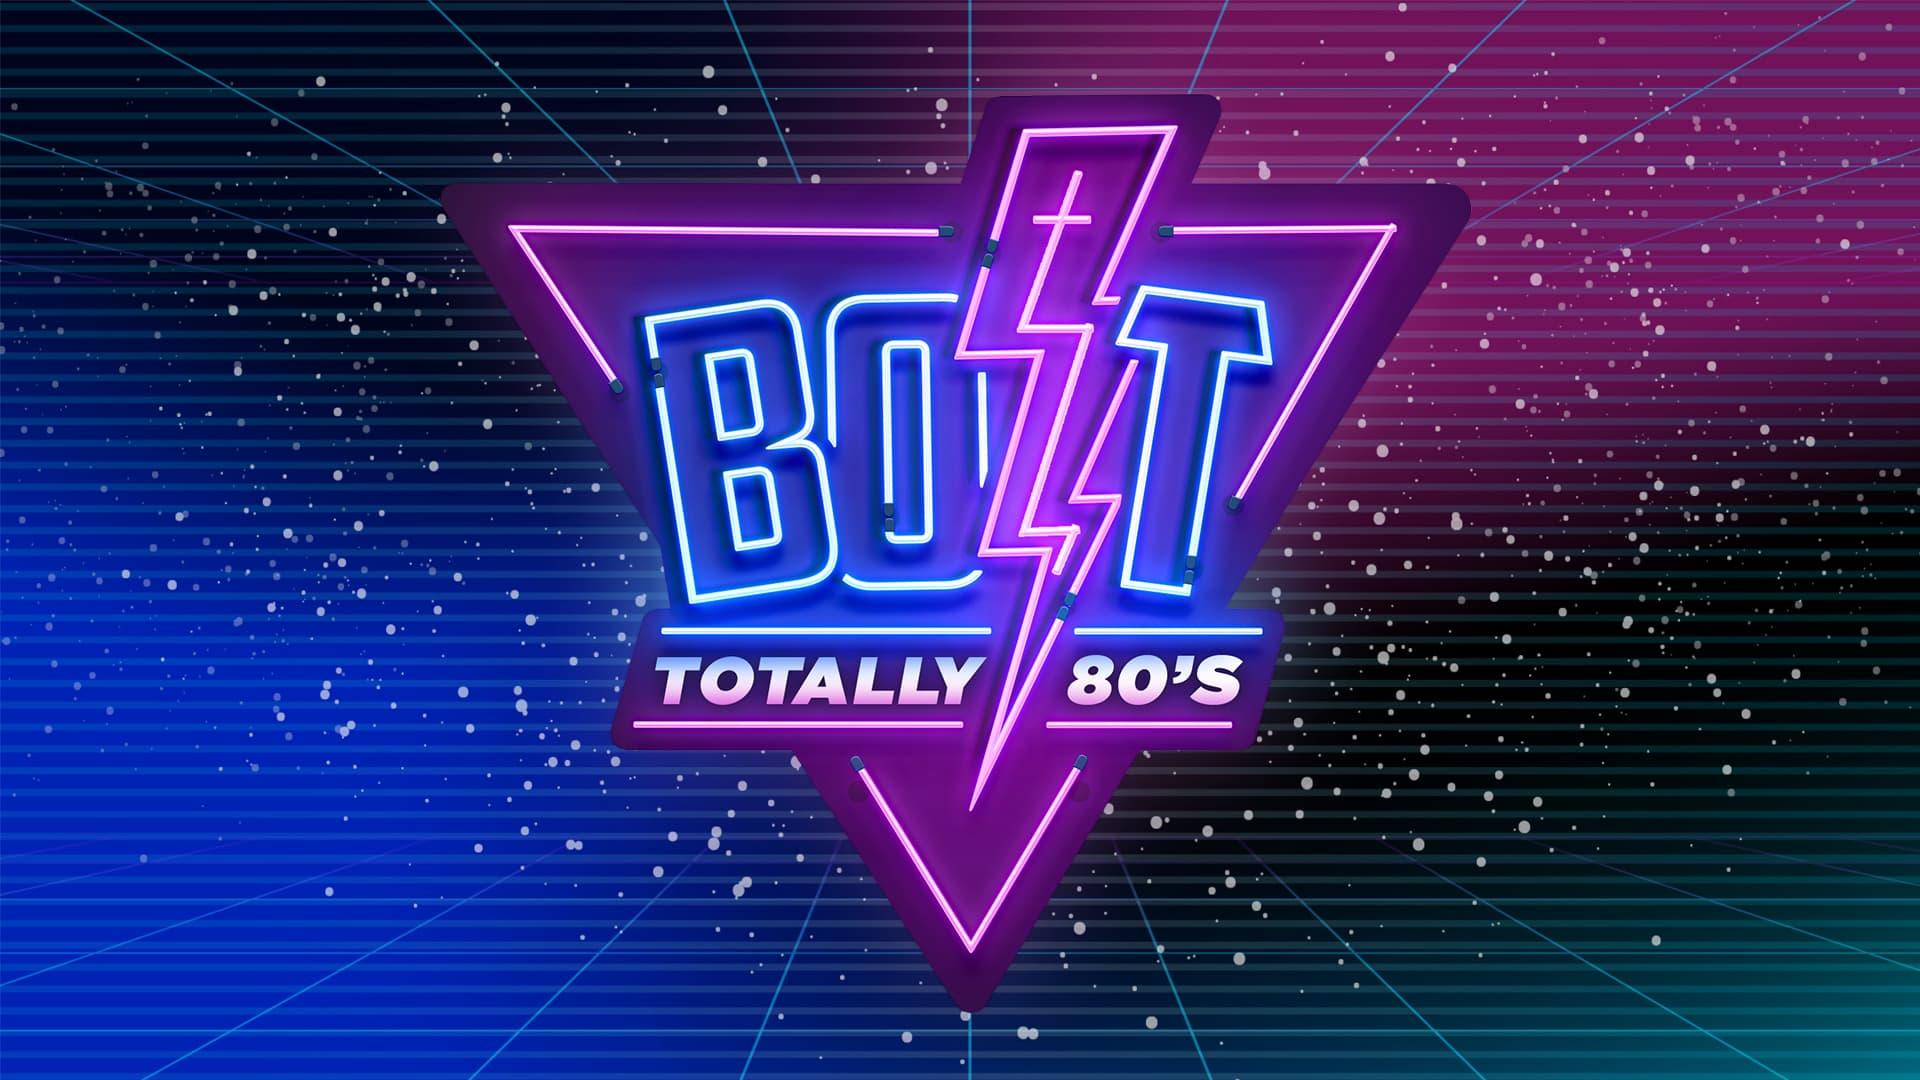 BOLT Totally 80's Title Slide